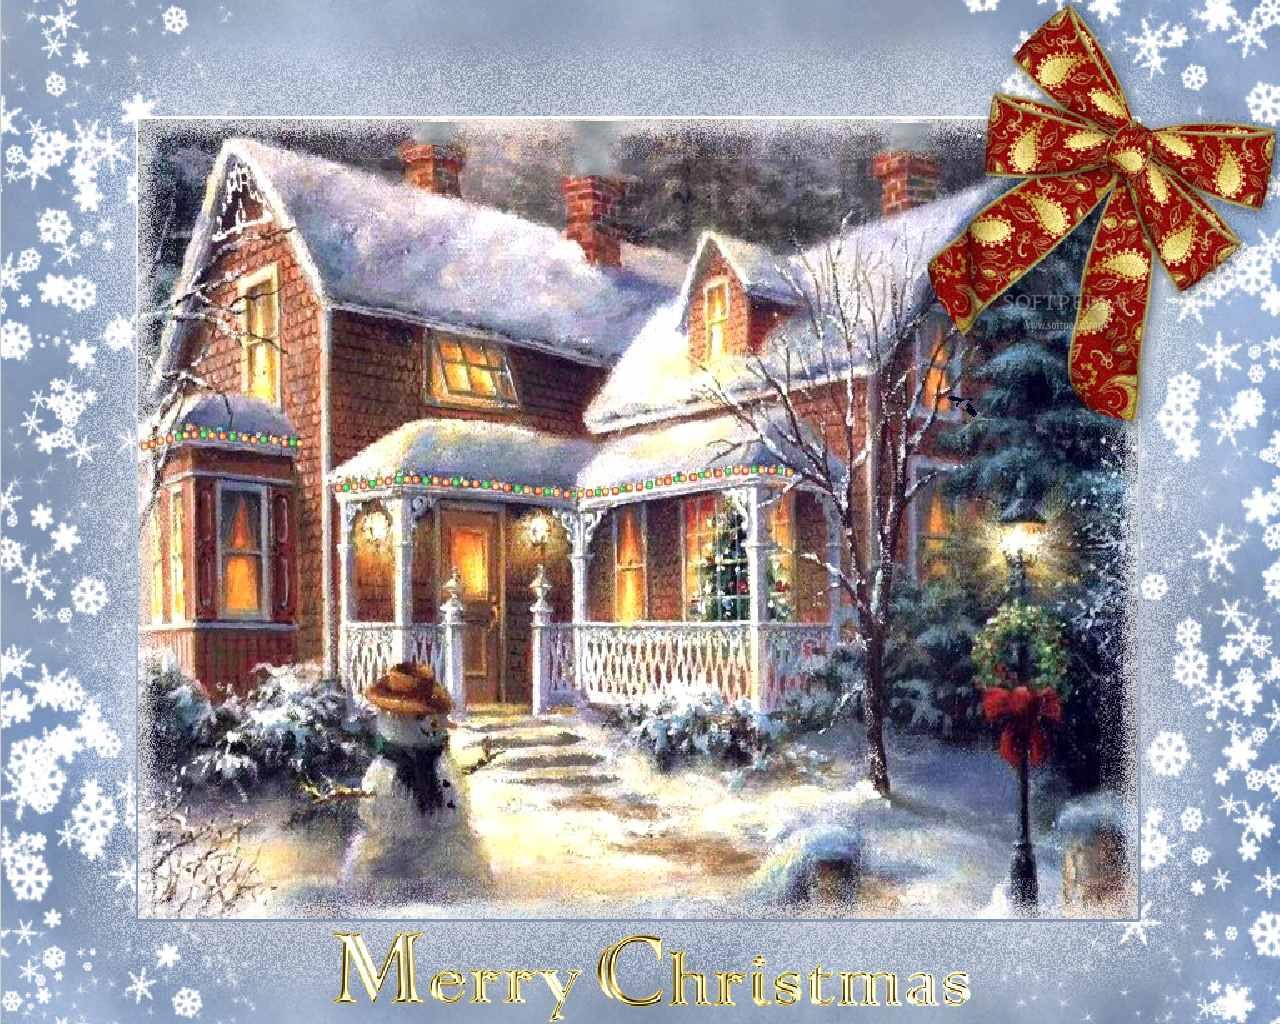 Animated Christmas Screensavers hd Wallpapers High 1280x1024